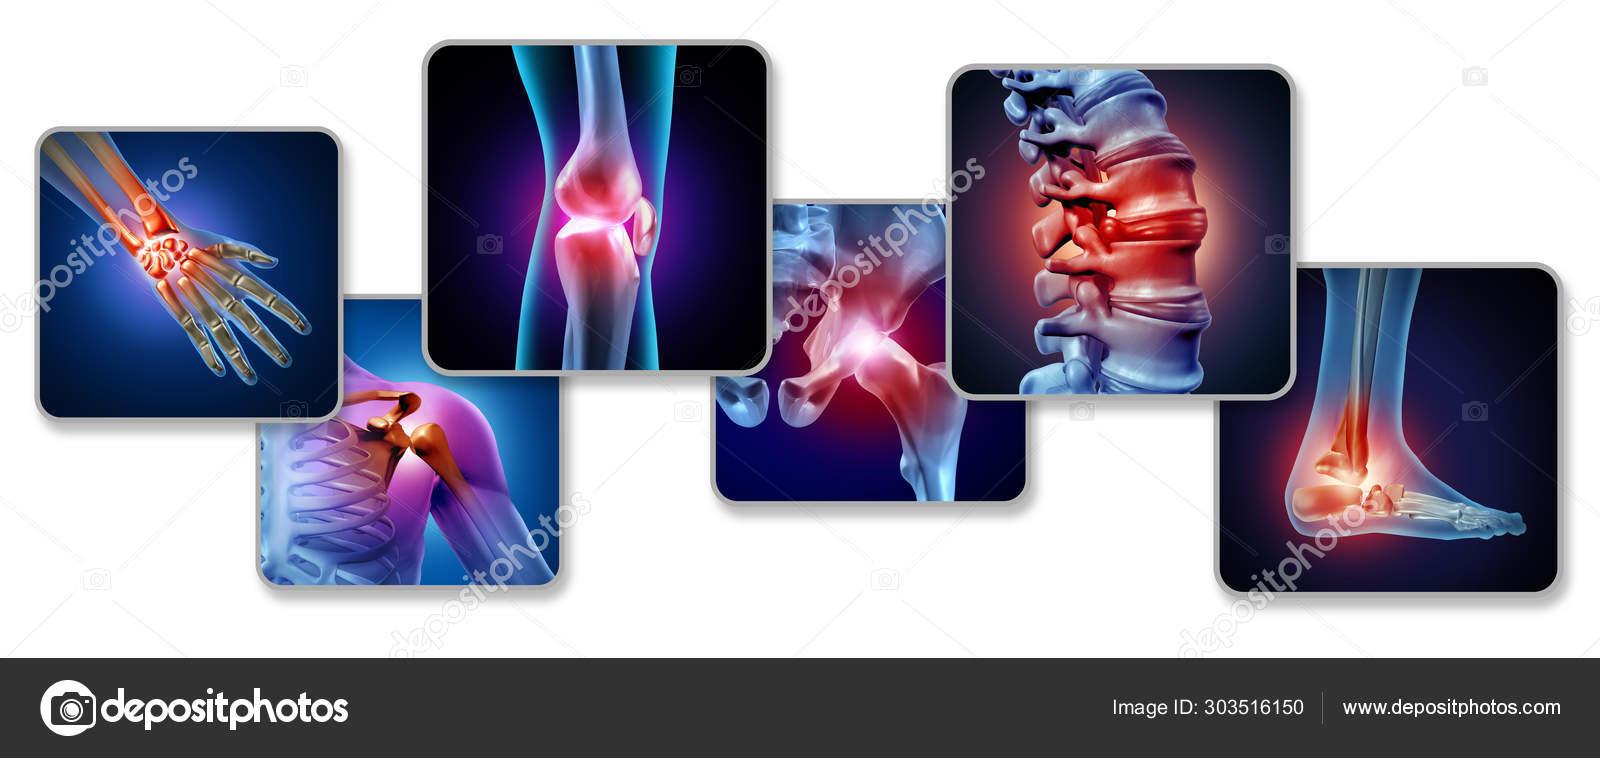 az alsó végtagok ízületei, mint a kezelés céljából ujjgyulladás kezelés homeopátia